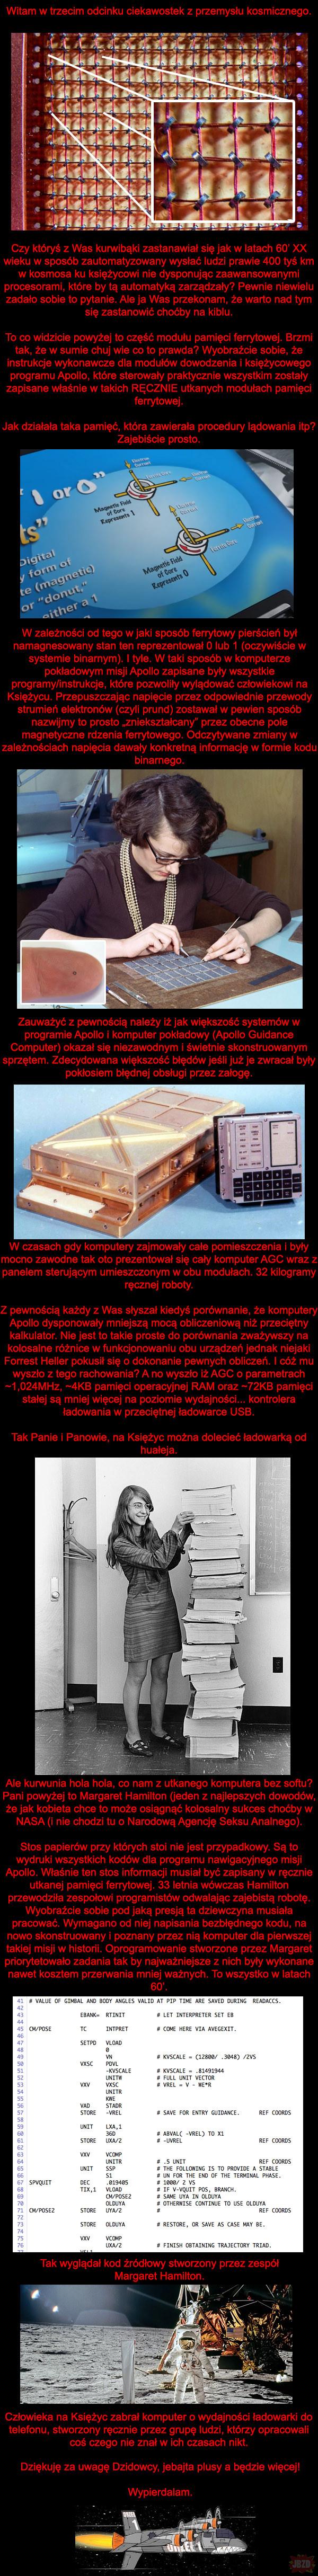 Kosmiczne mambo dżambo s01e03